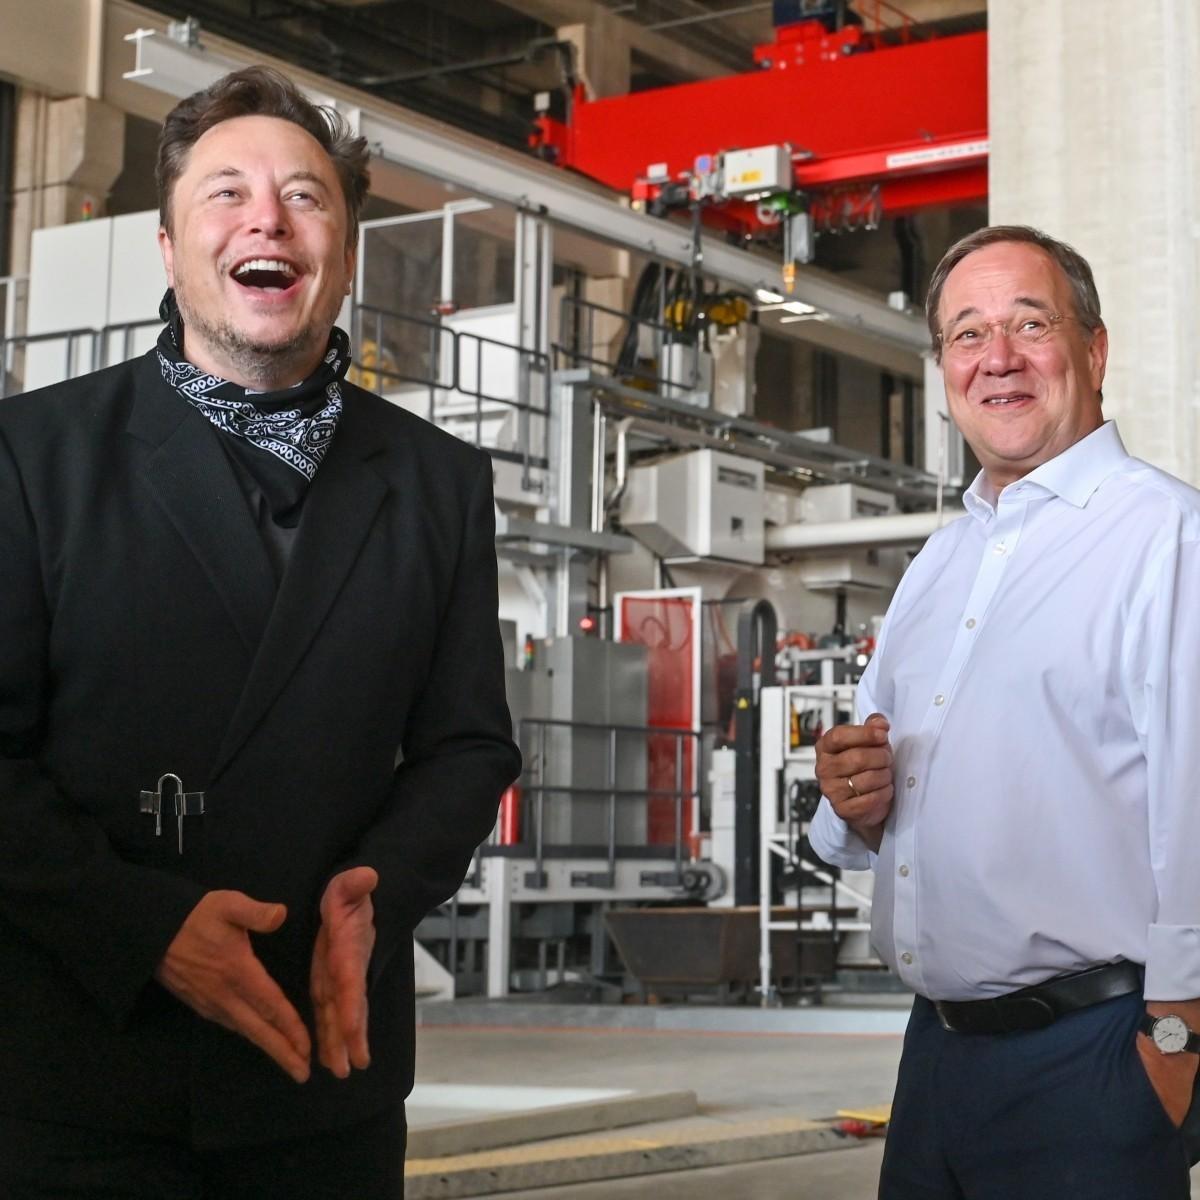 Илончик (слева) и скорее всего уже не будущий канцлер Германии Лашет (правоцентристее)